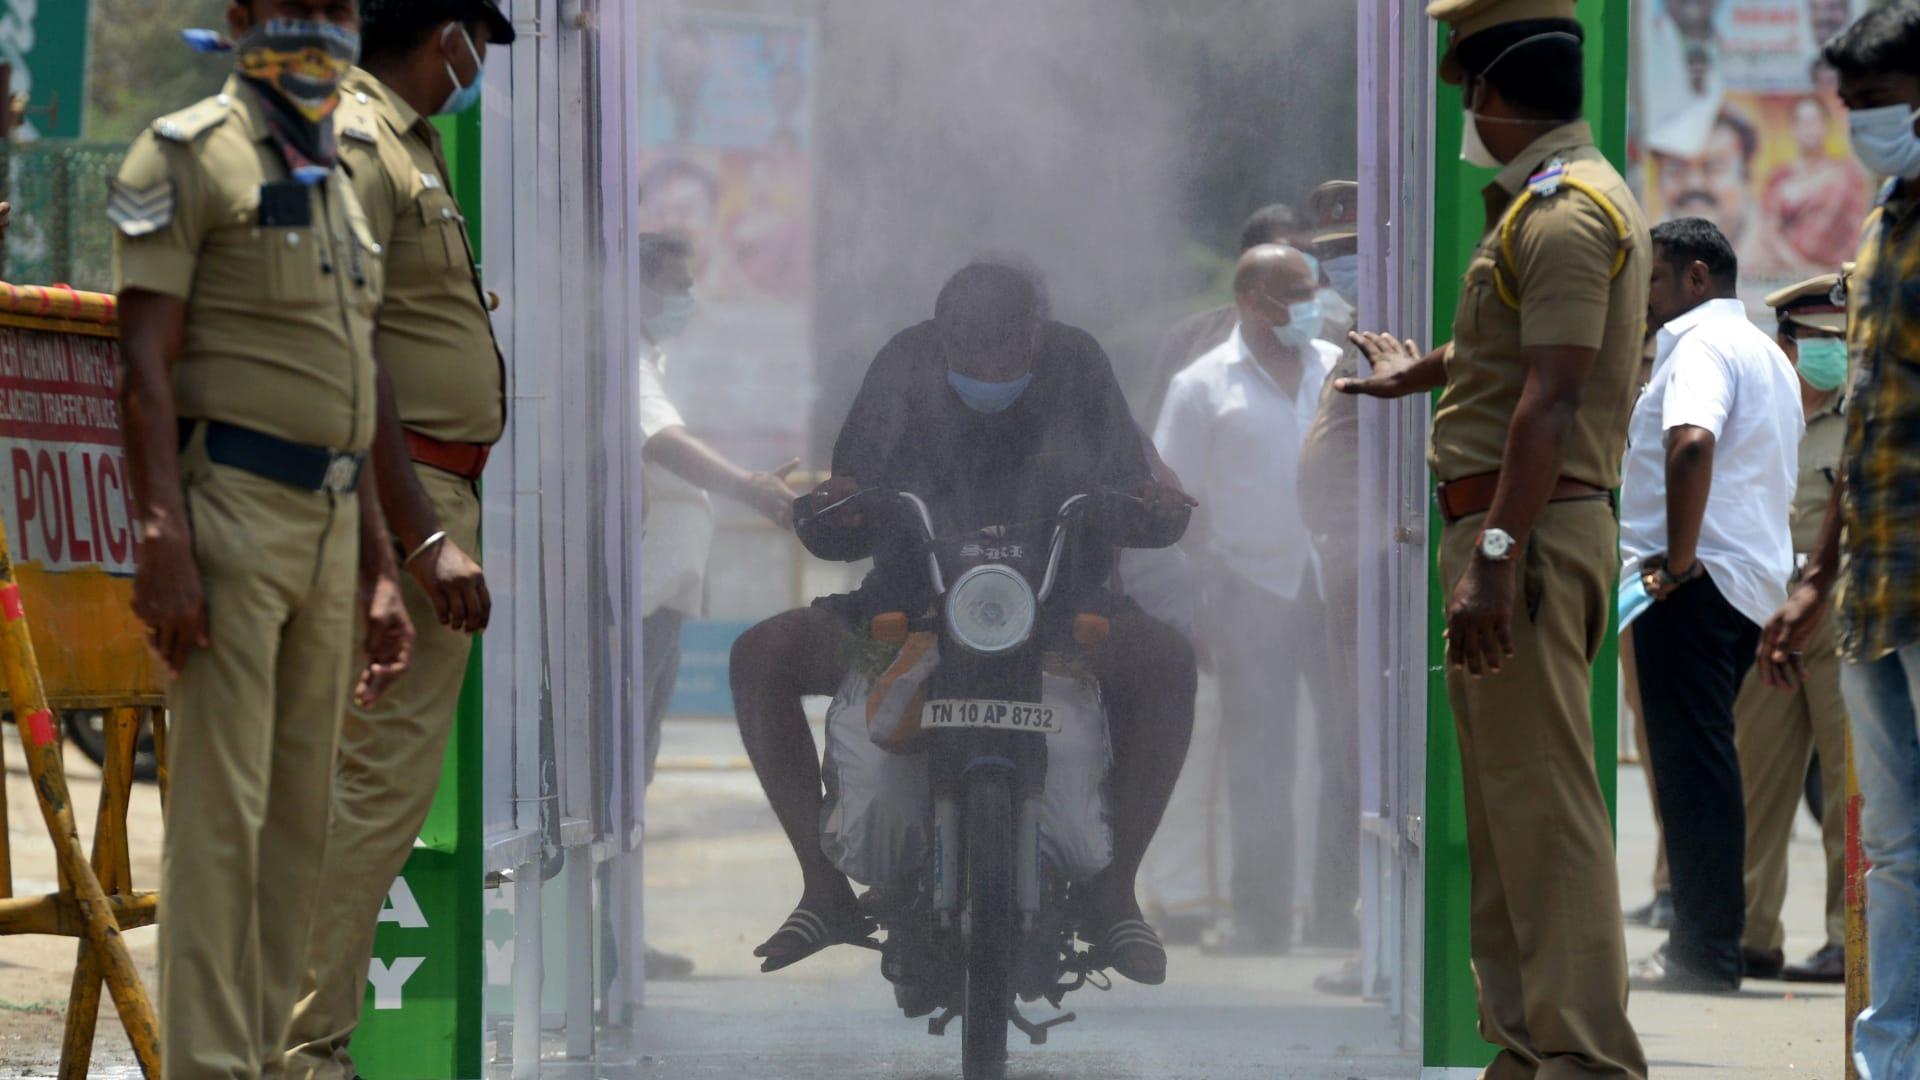 بعد تسجيل 3 ملايين حالة إصابة في 50 يومًا.. الهند قد تُصبح ثاني أكثر دولة بإصابات فيروس كورونا في العالم